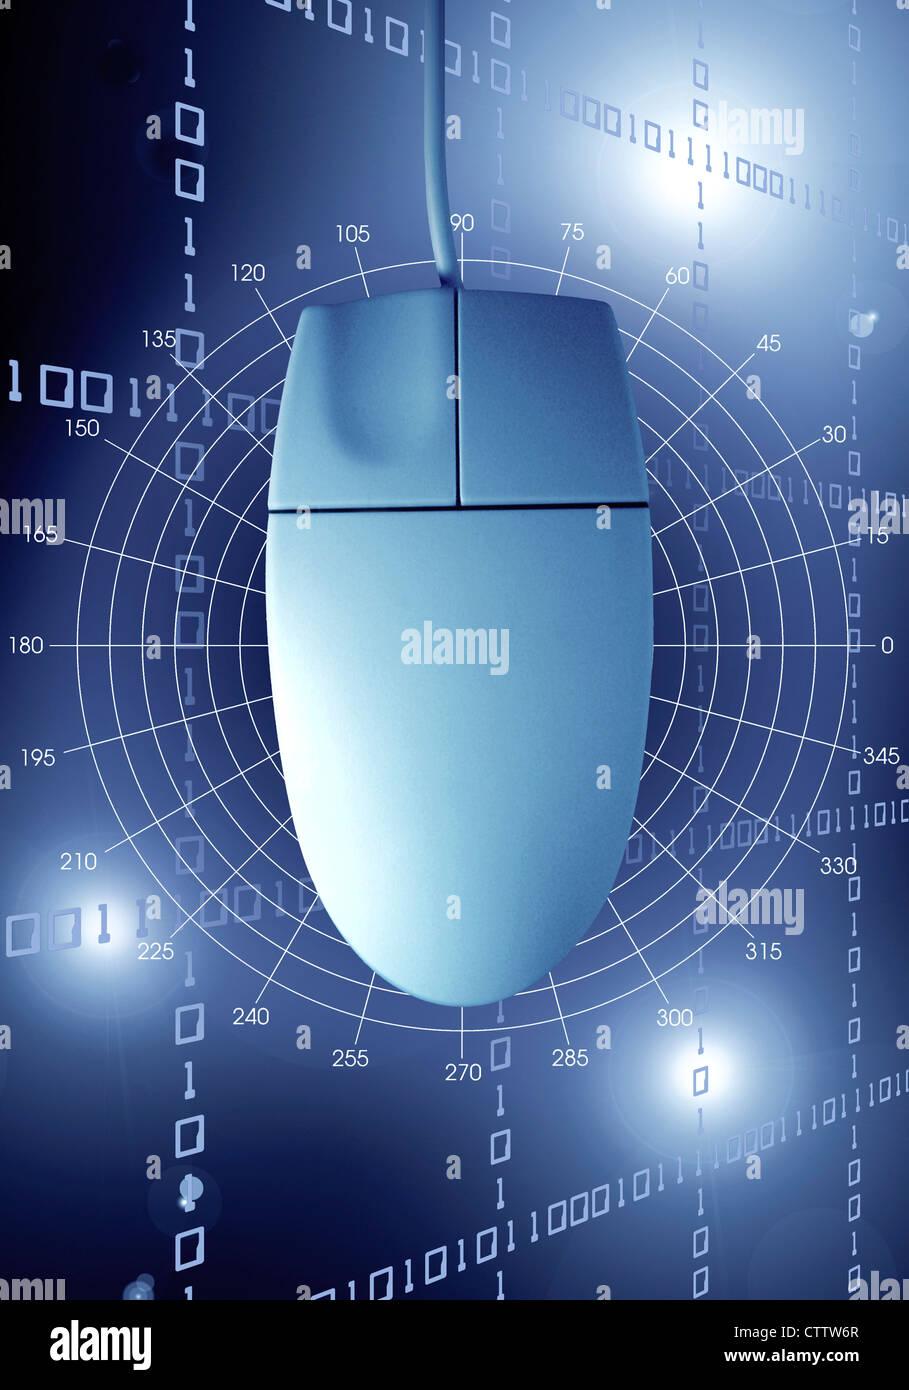 Computermaus vor einem Hintergrund aus digitalen Zahlenreihen  Stock Photo